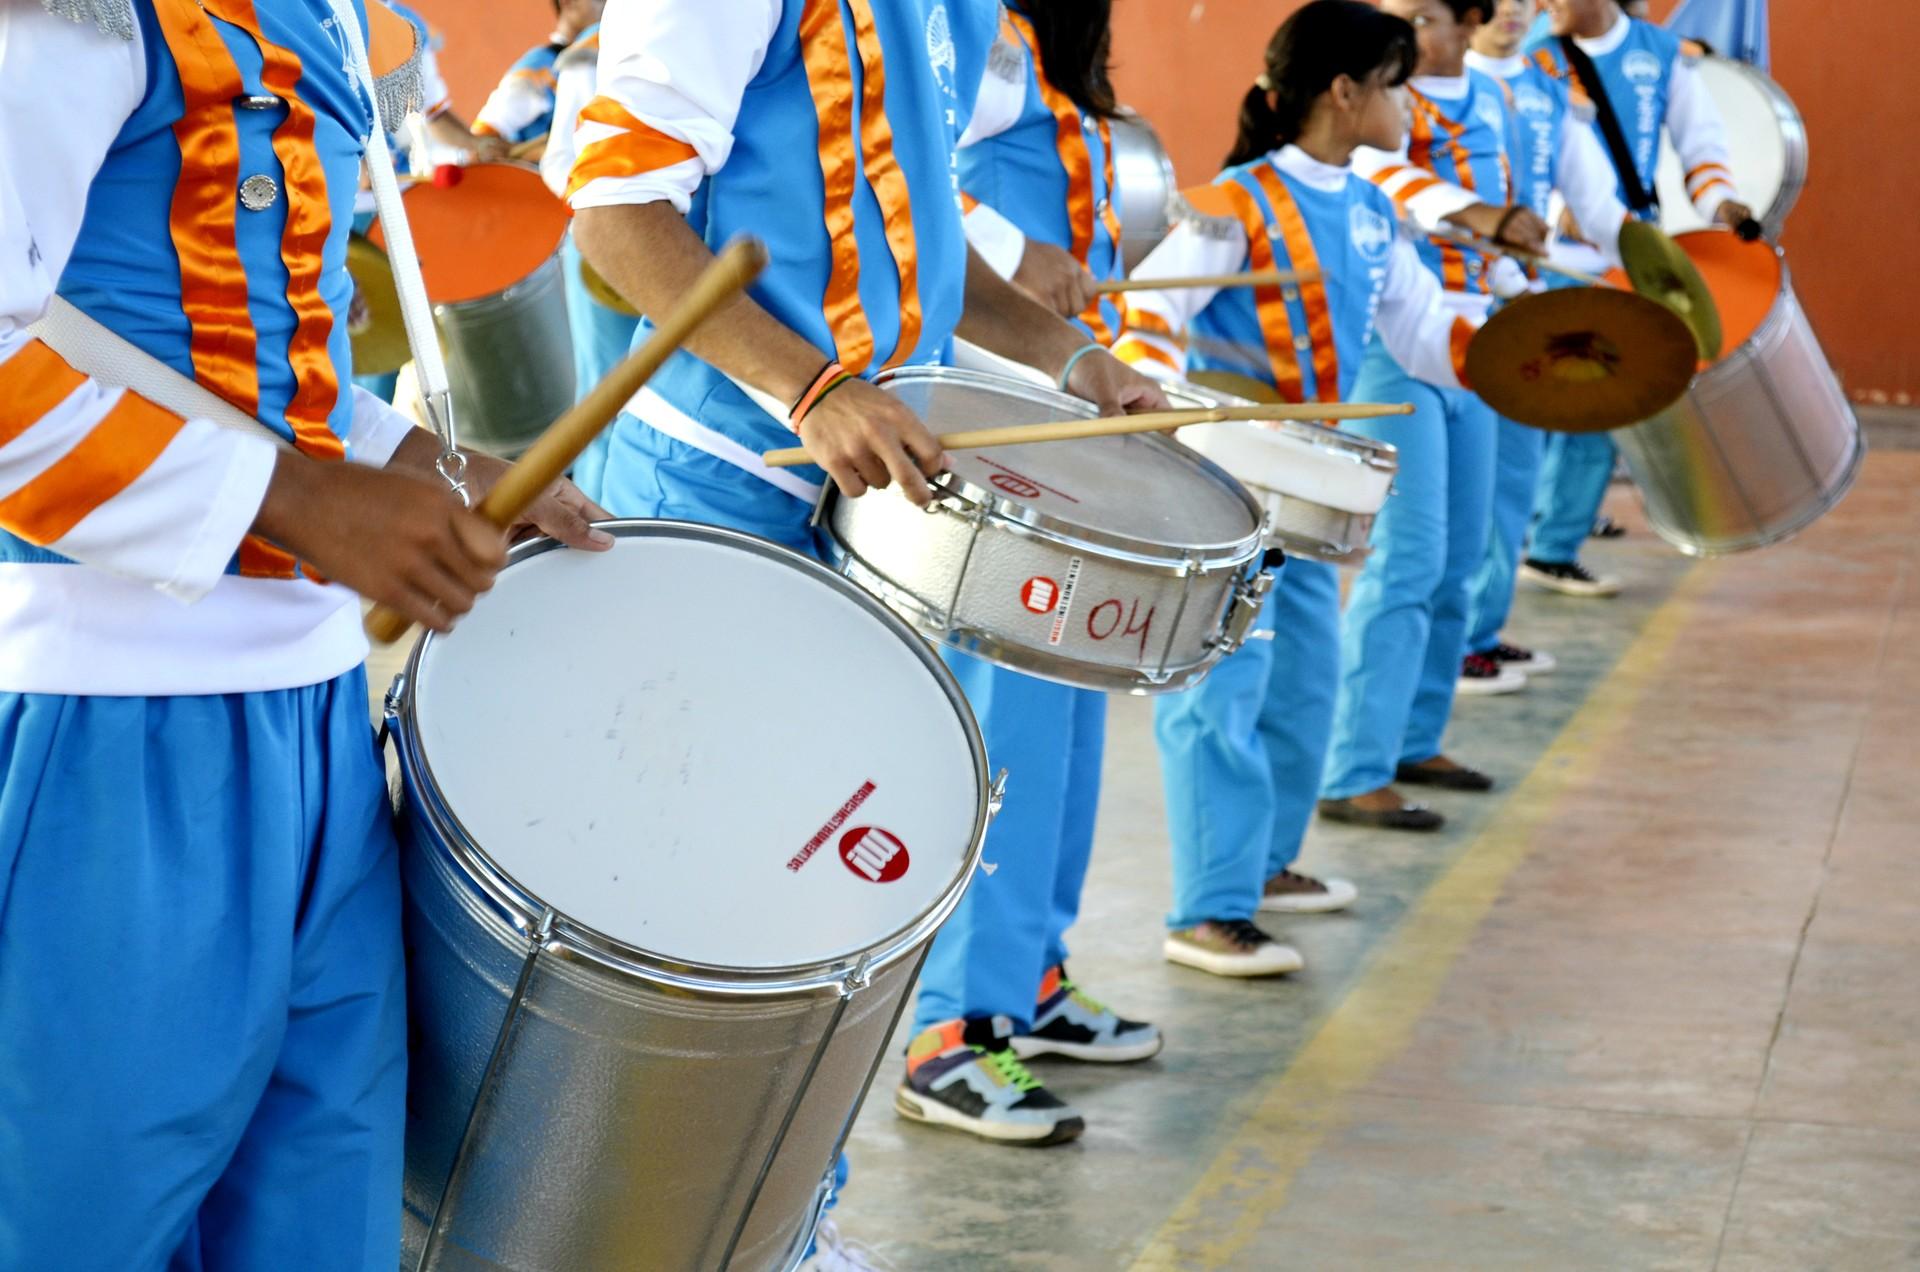 Orla de Macapá recebe festival de bandas marciais e fanfarras de escolas públicas do AP - Noticias